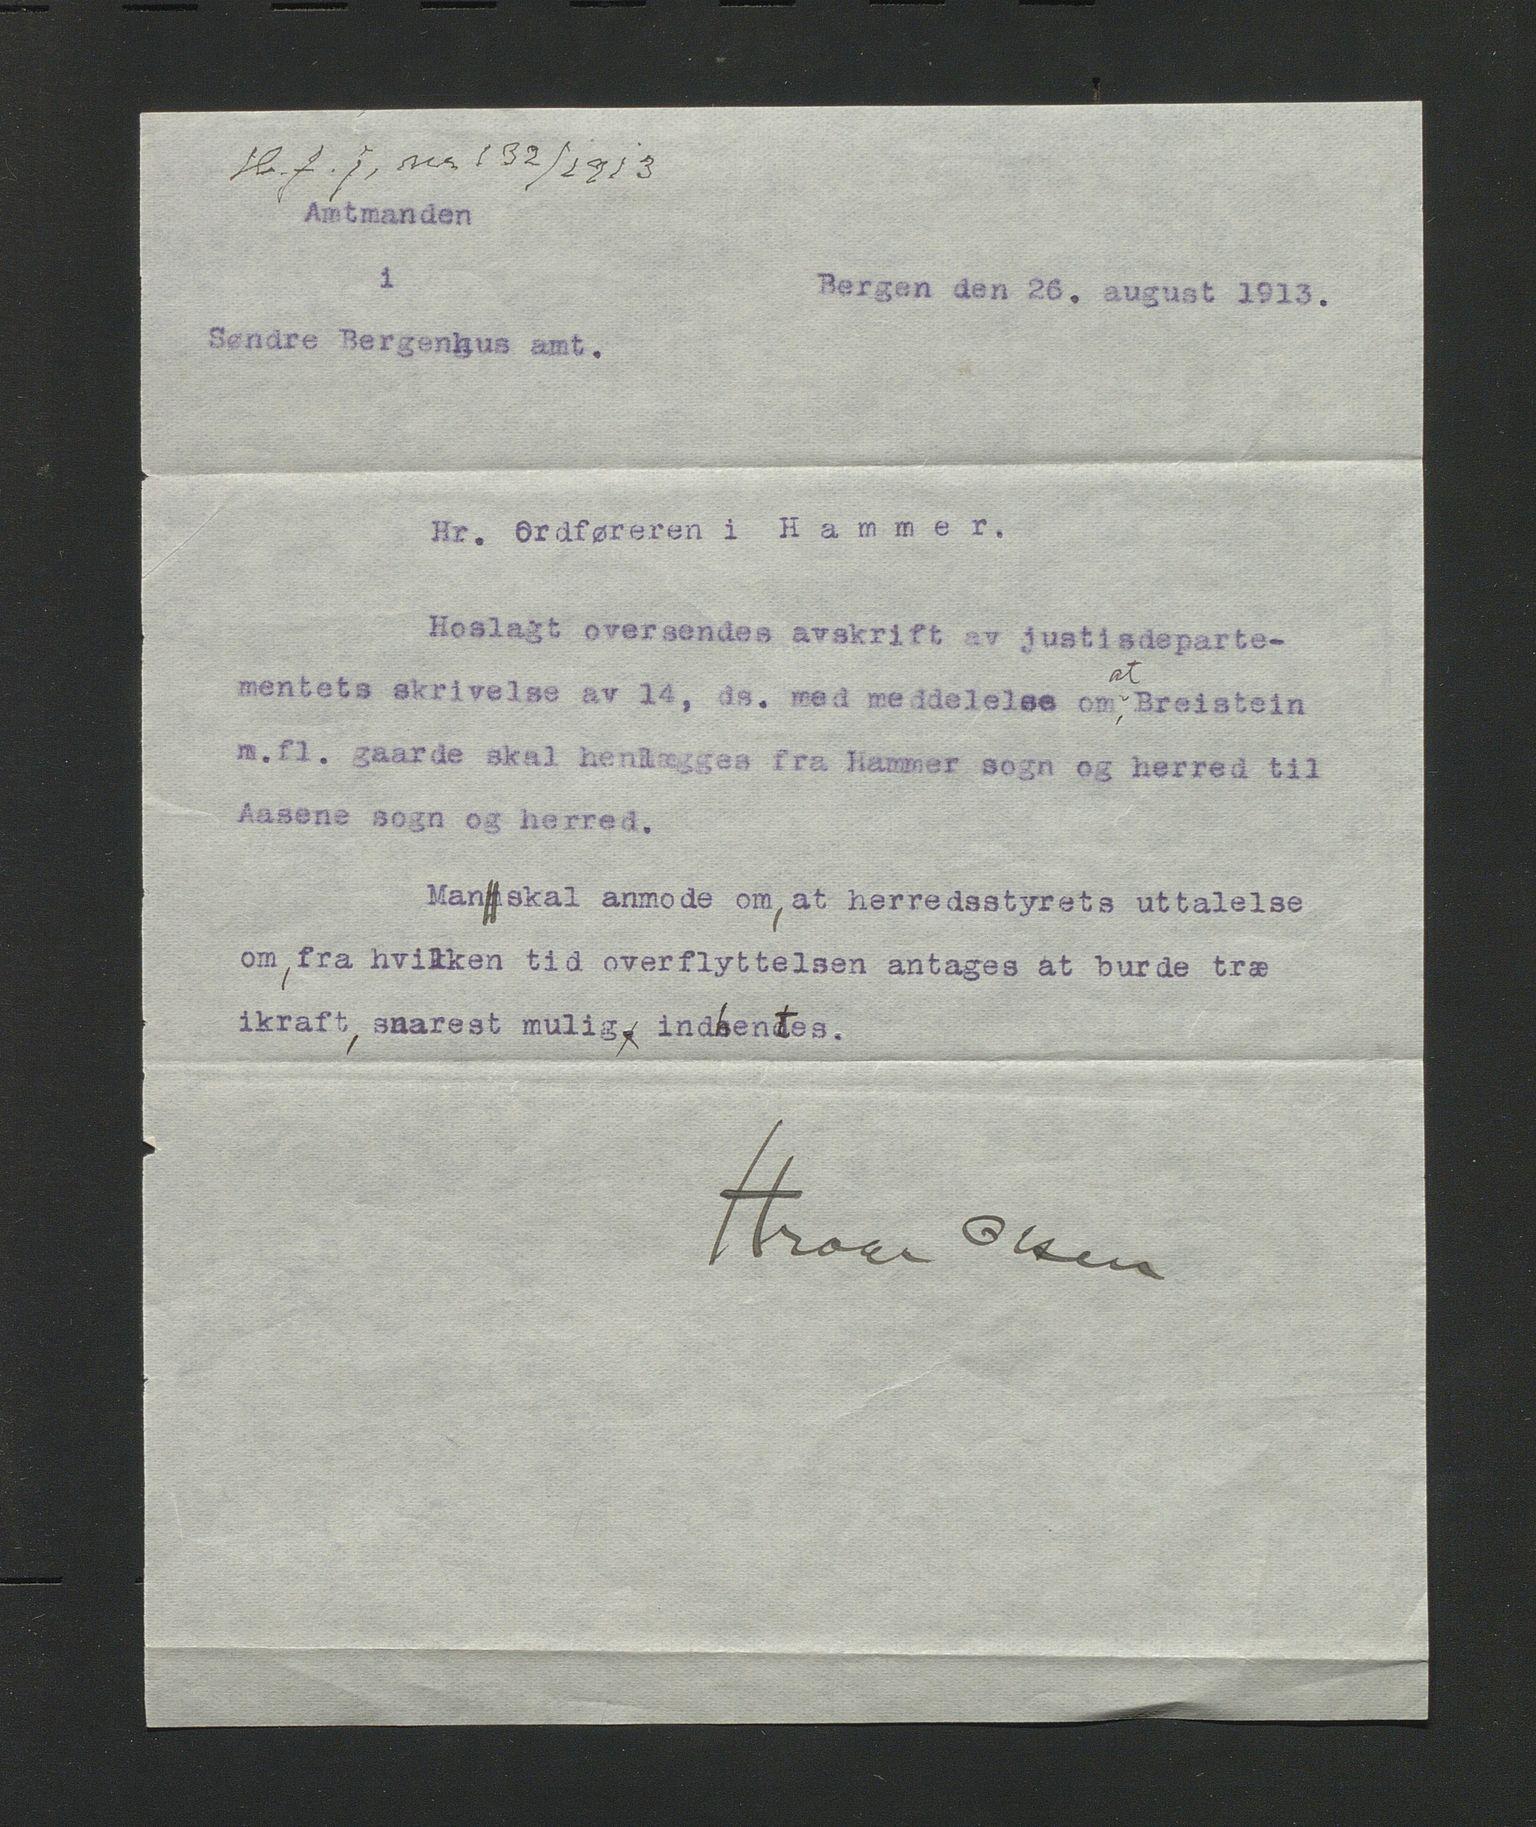 IKAH, Hamre kommune. Formannskapet, D/Db/L0011: Kommunedeling , 1913